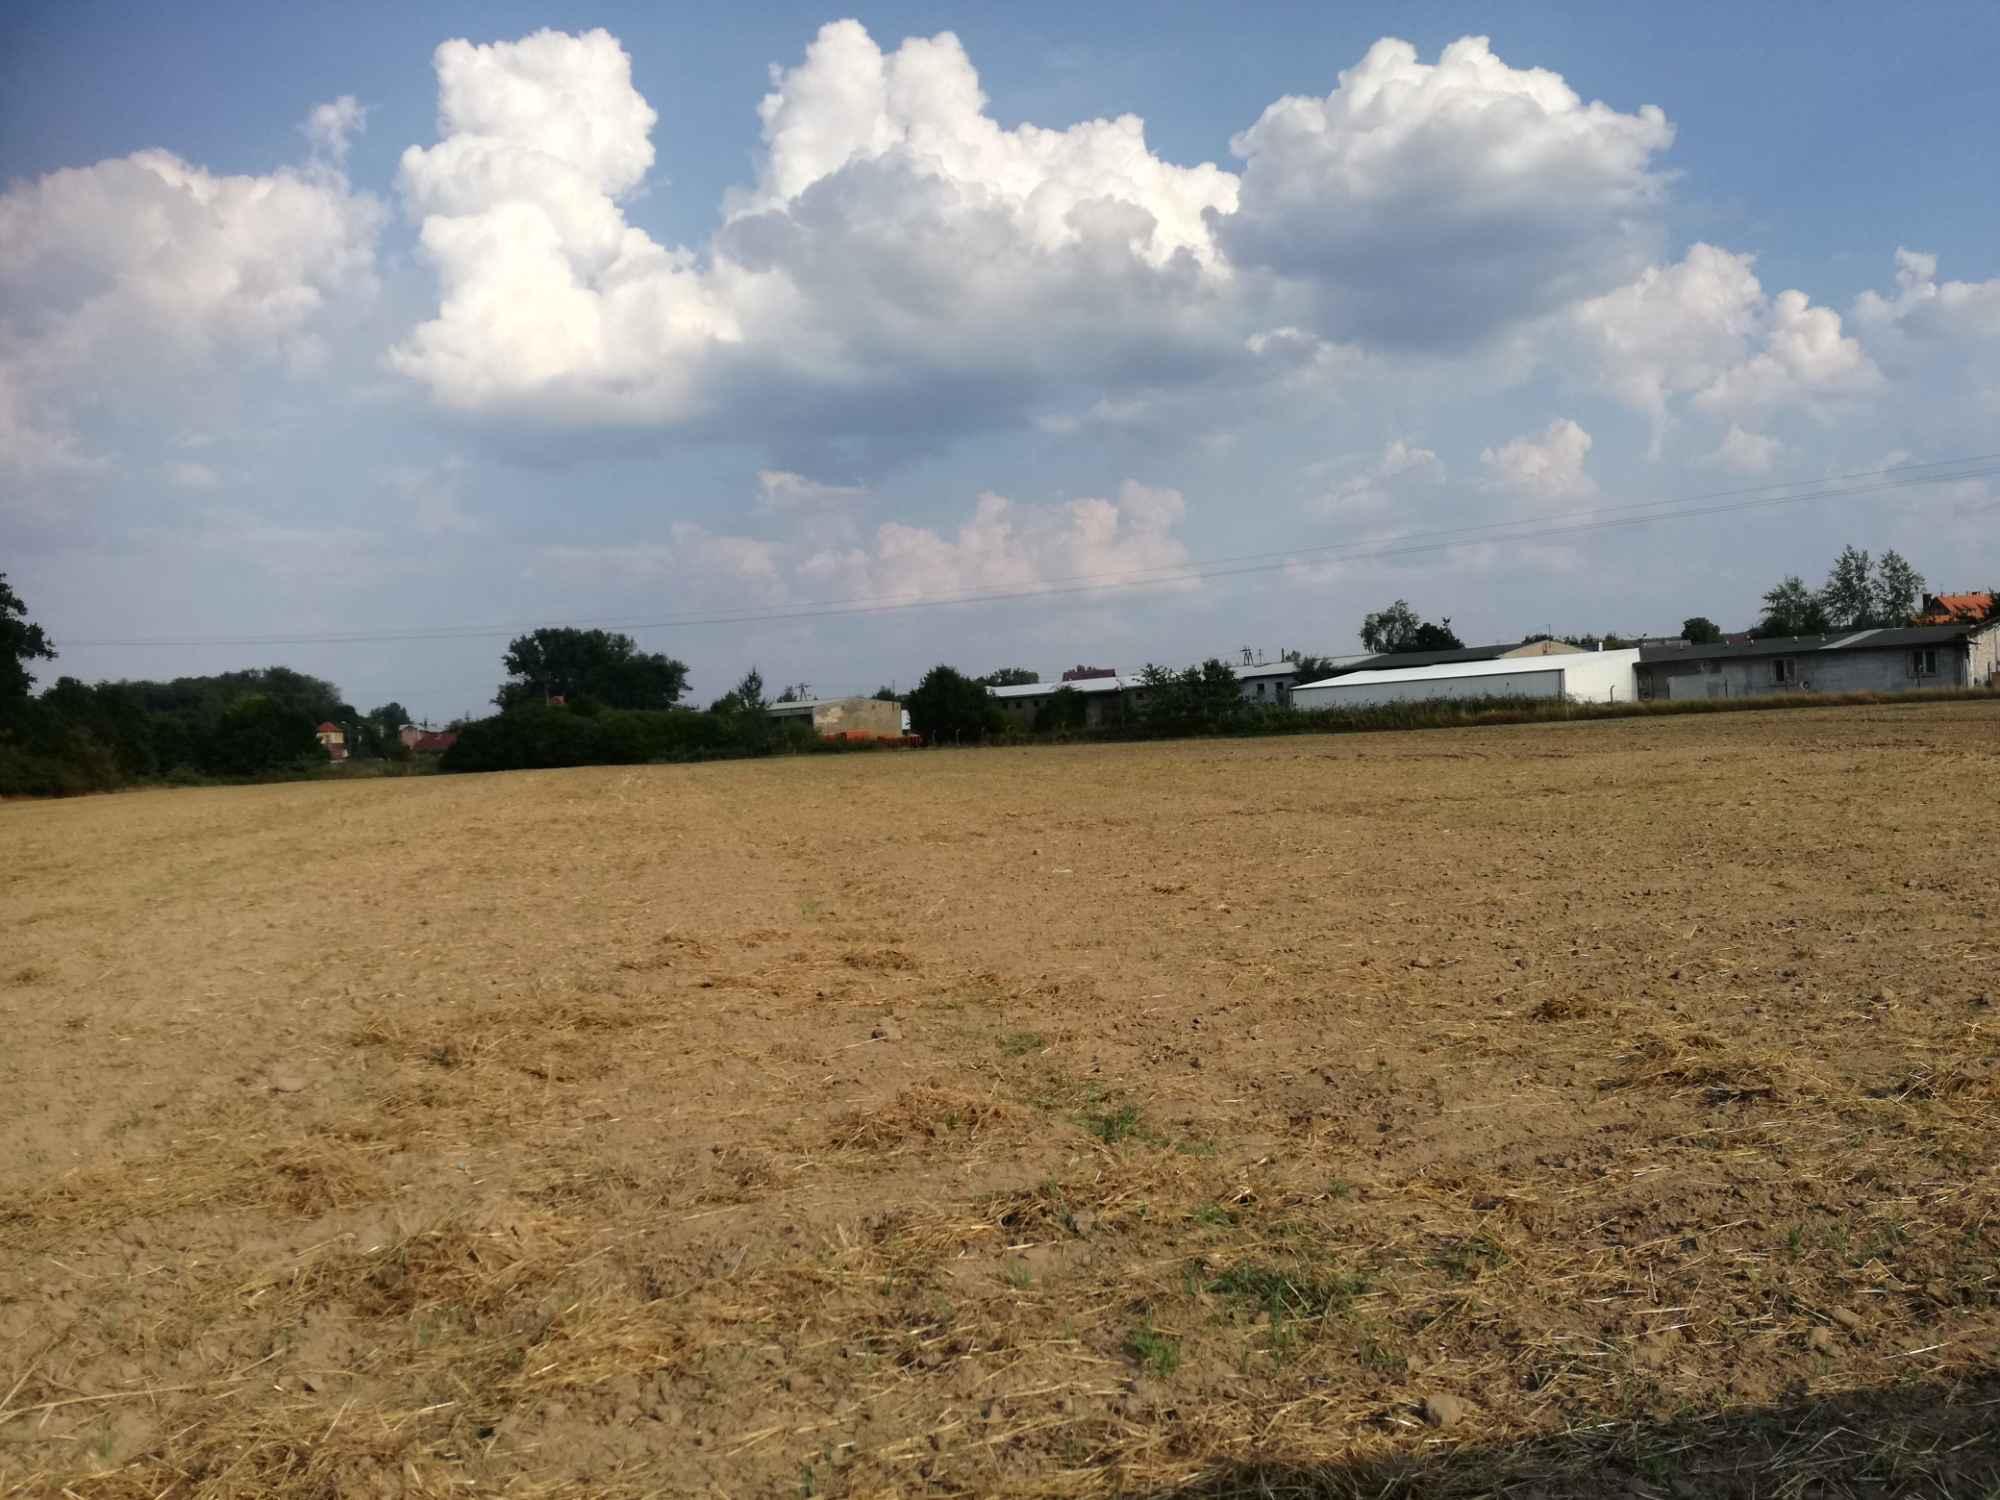 Działka rolna 2,58 ha + łąka 0.89 ha Krosno Odrzańskie - zdjęcie 5